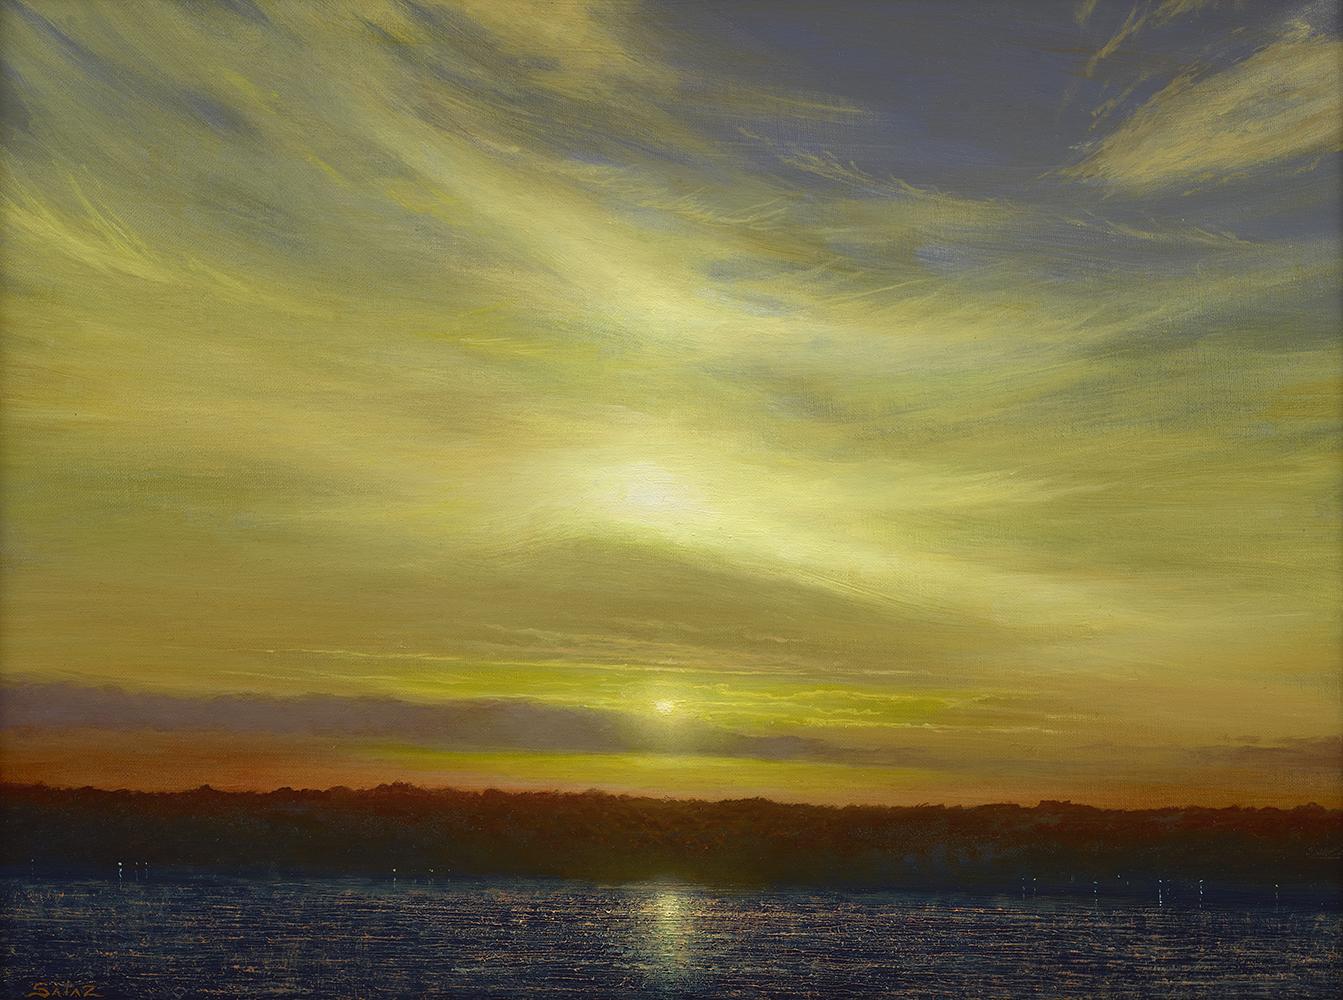 ken_salaz_kws1099_sunset_from_ocean_cliff_newport_rhode_island.jpg